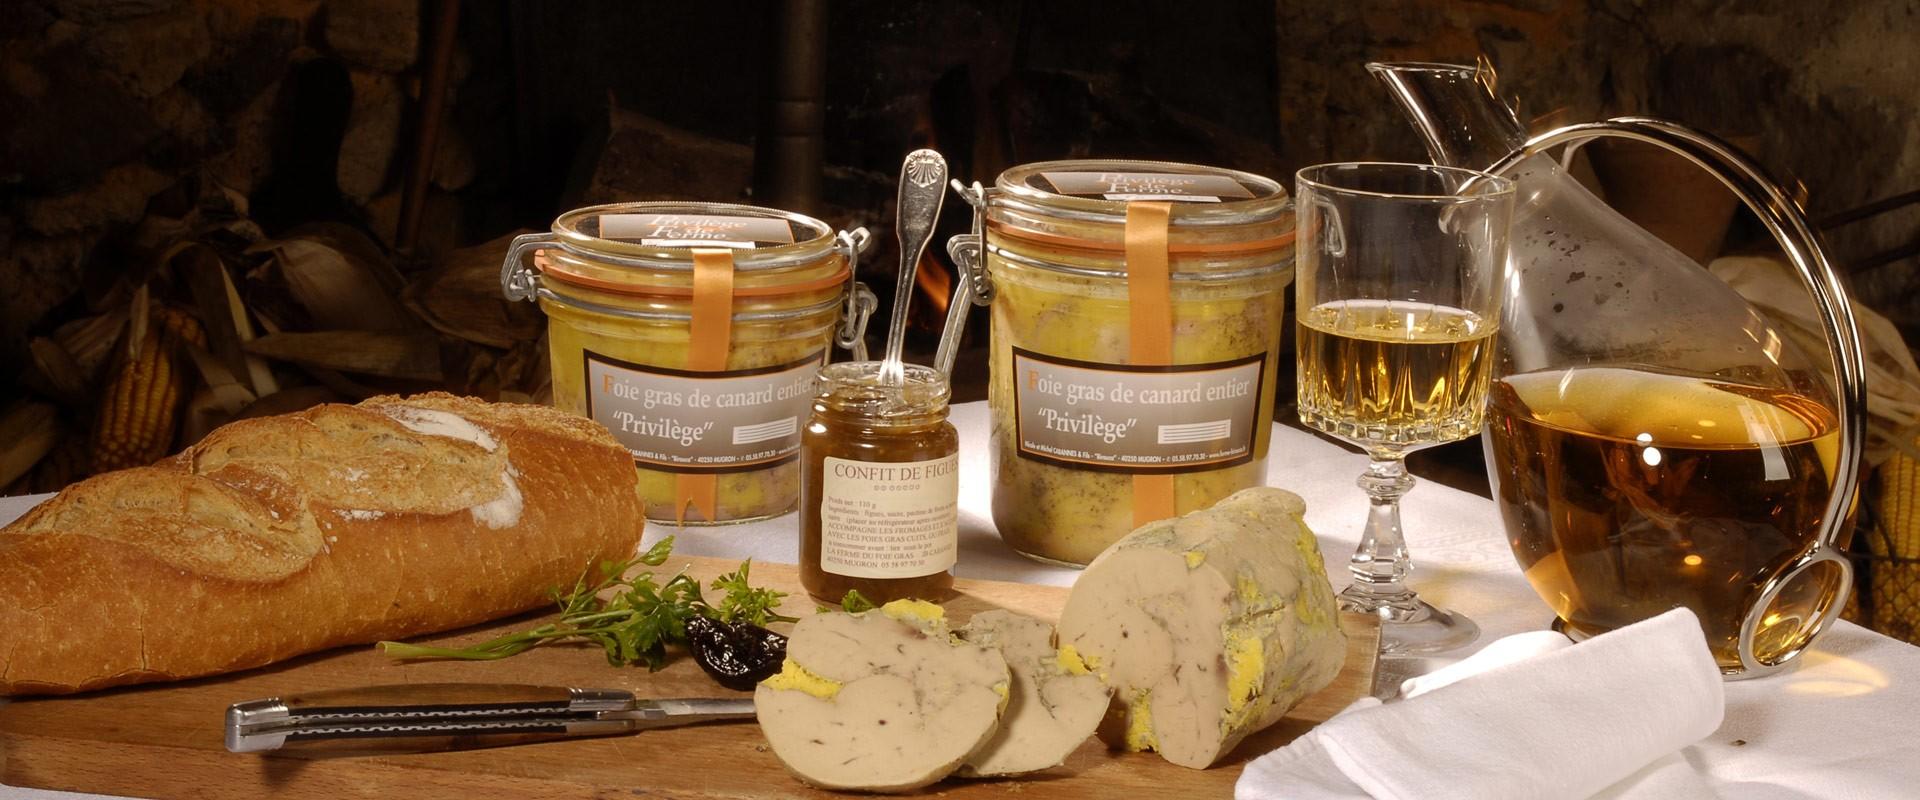 Des produits traditionnels et naturels depuis 30 ans !